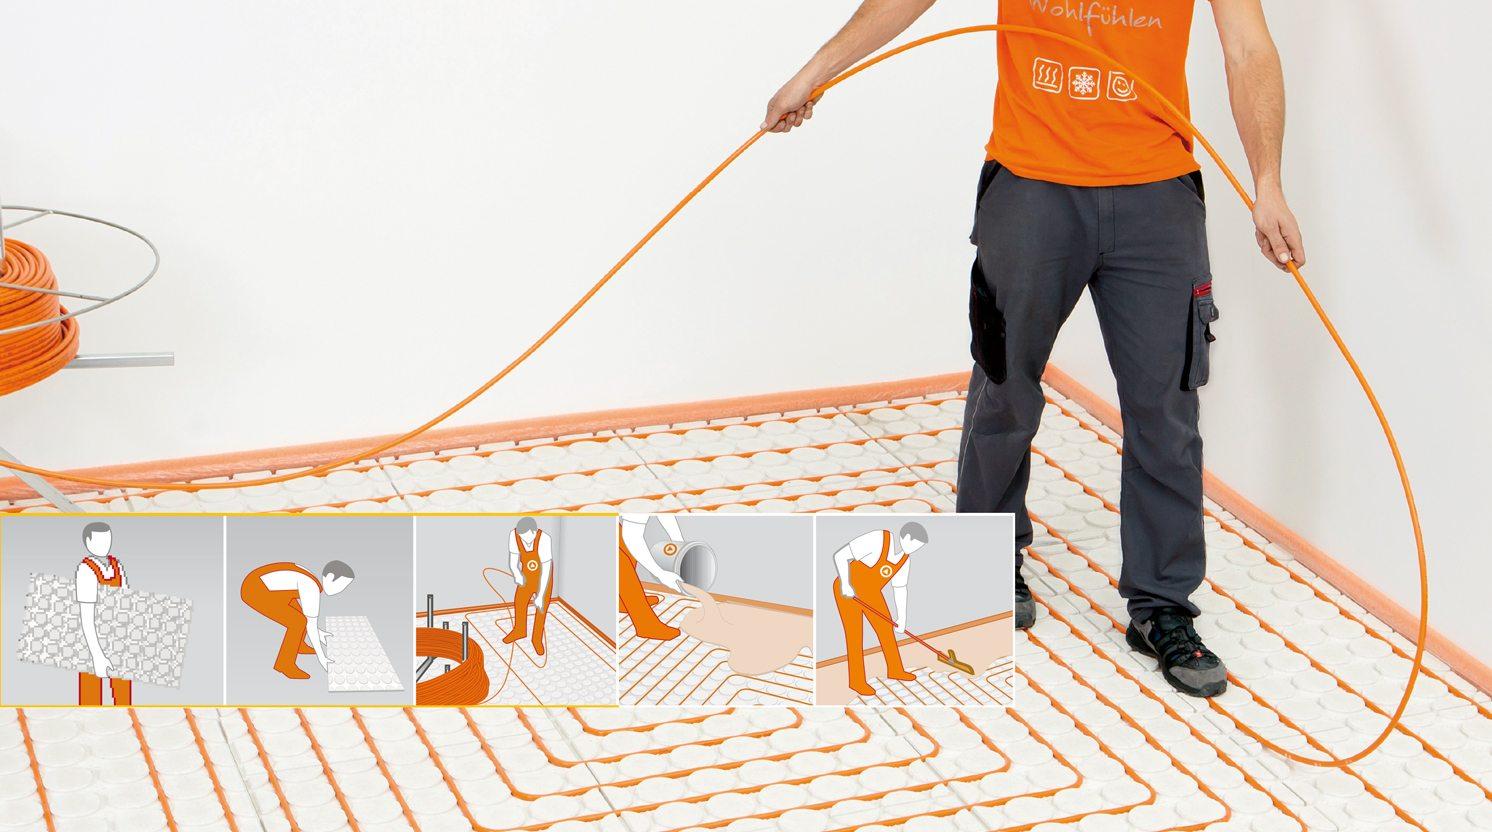 Bekend Vloerverwarming bij bestaande vloer: Wat zijn de mogelijkheden? RY84